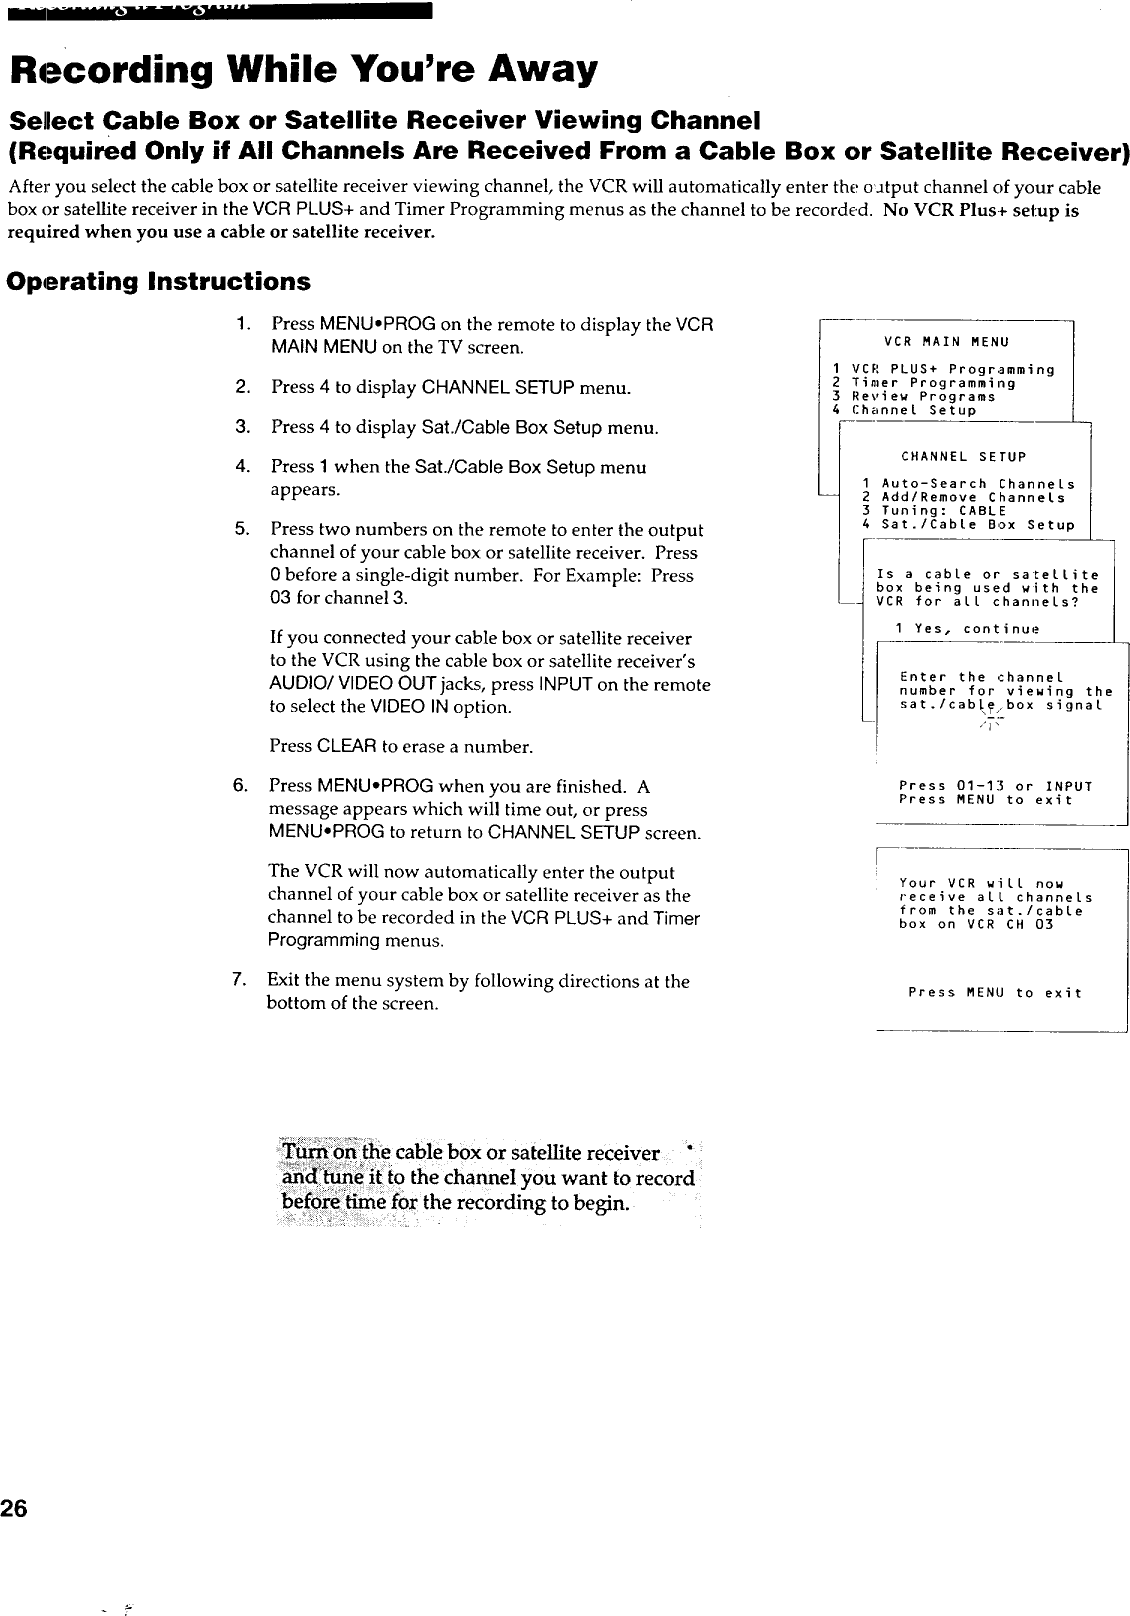 RCA VCR Manual 97120016